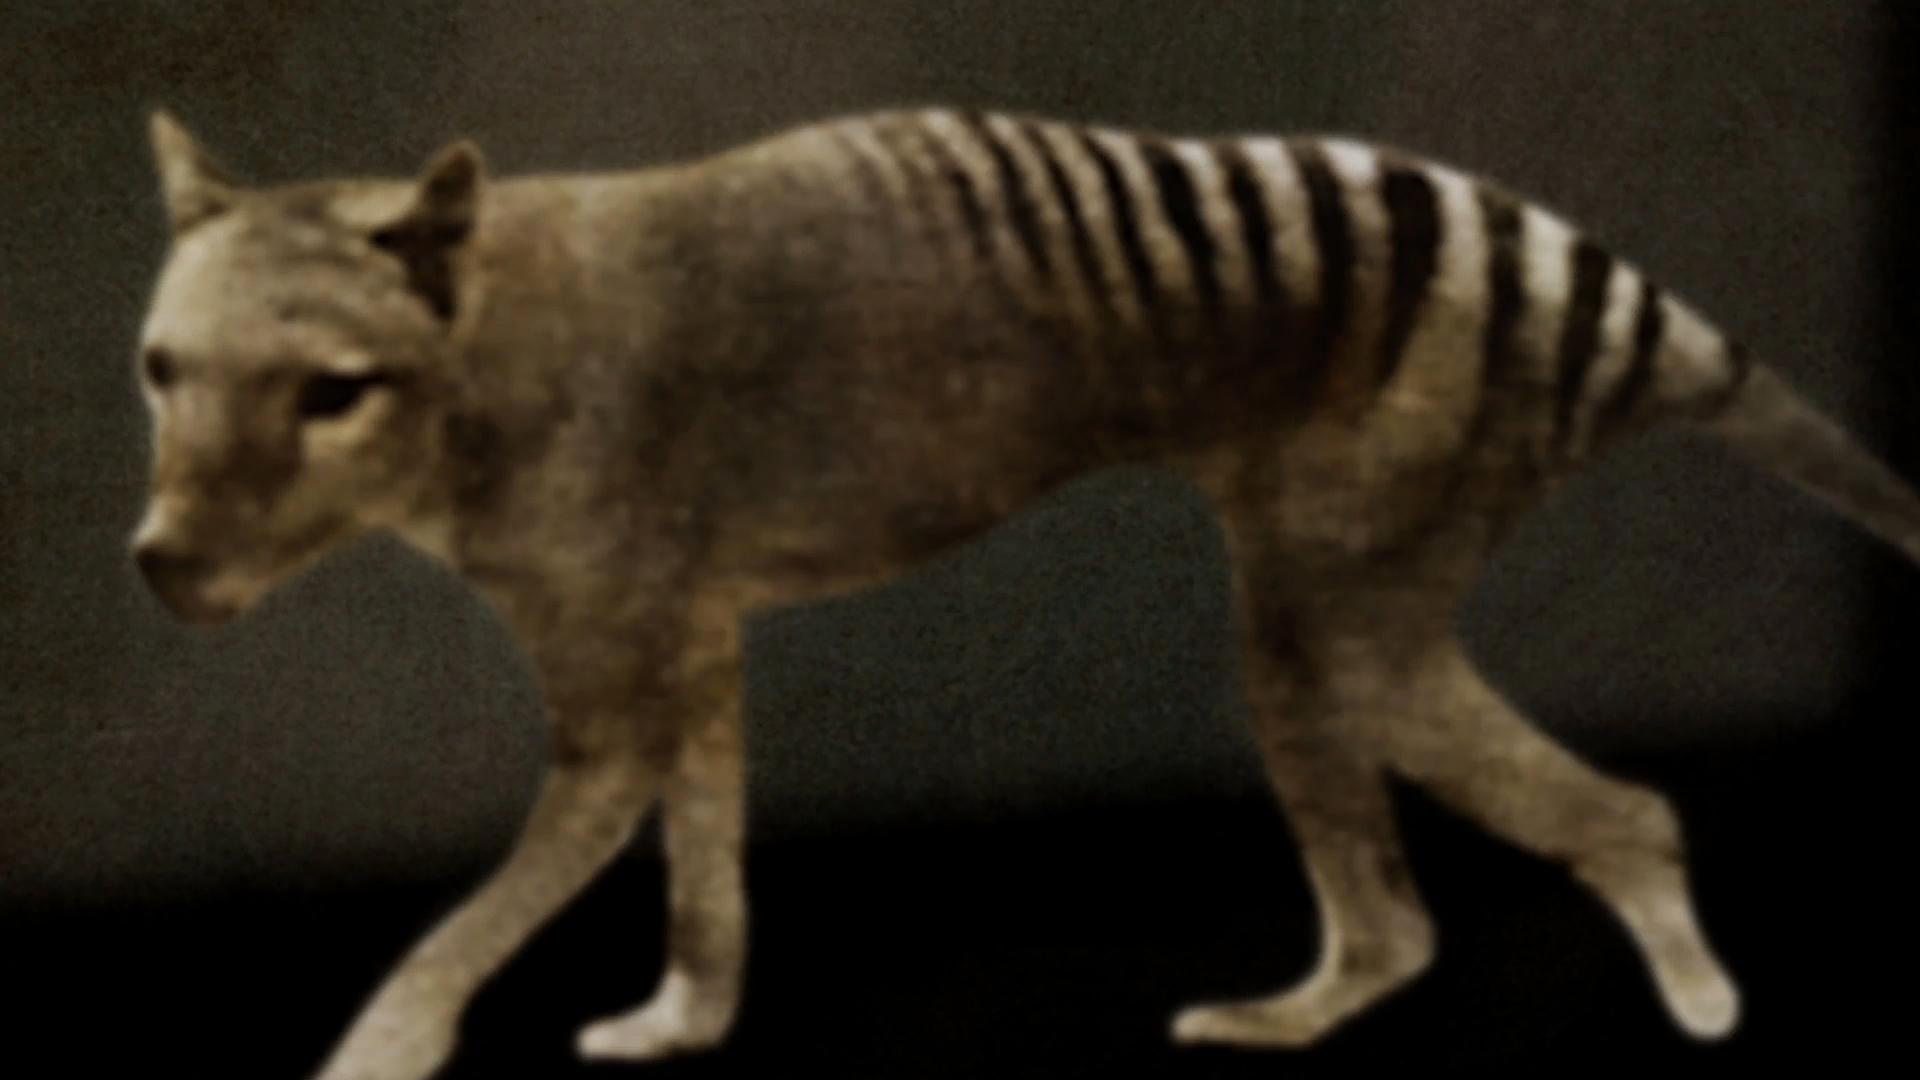 Le Tigre de Tasmanie (The Tasmanian Tiger)